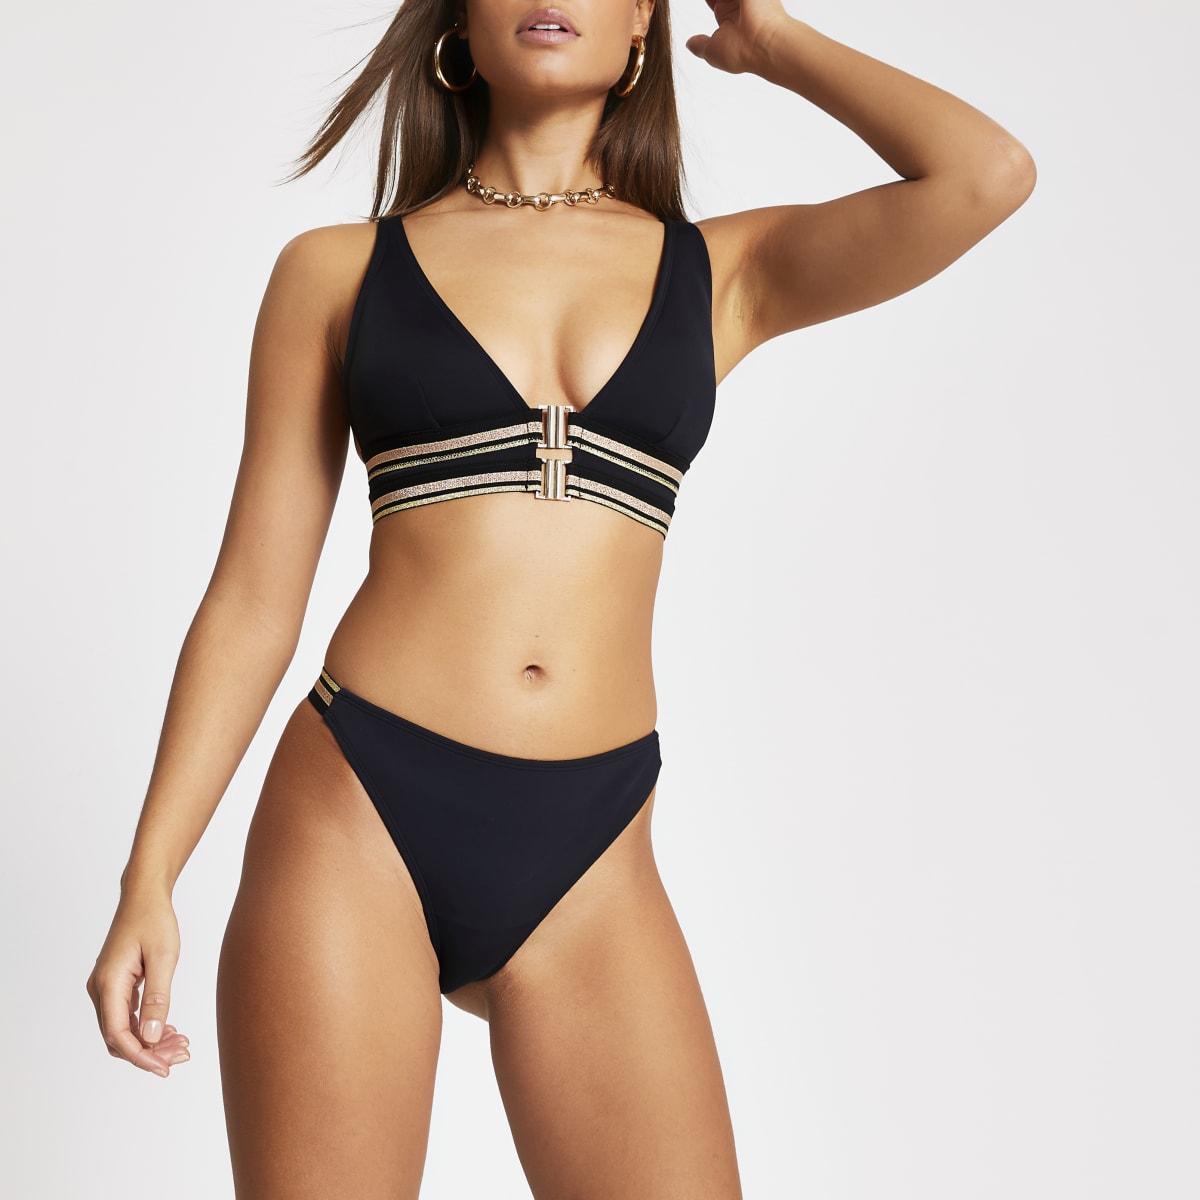 Zwart hoogopgesneden bikinibroekje met metallic bies